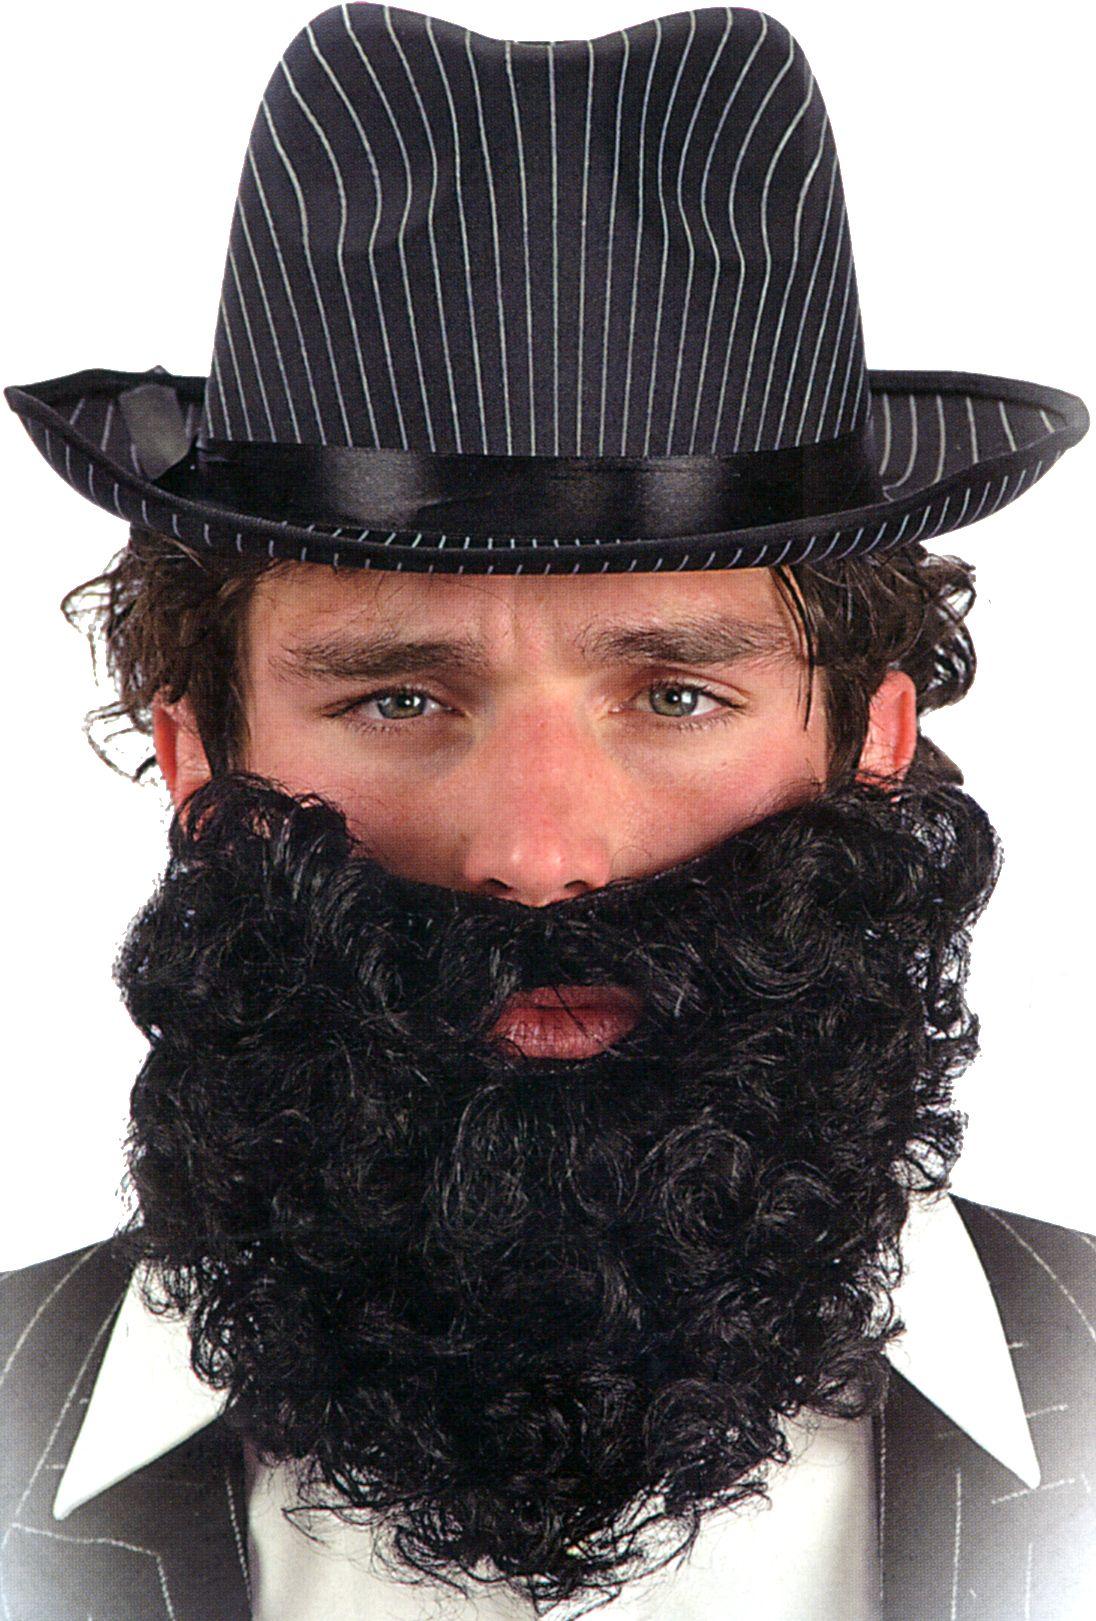 barbe frisée courte noire - maquillage barbes, moustaches le